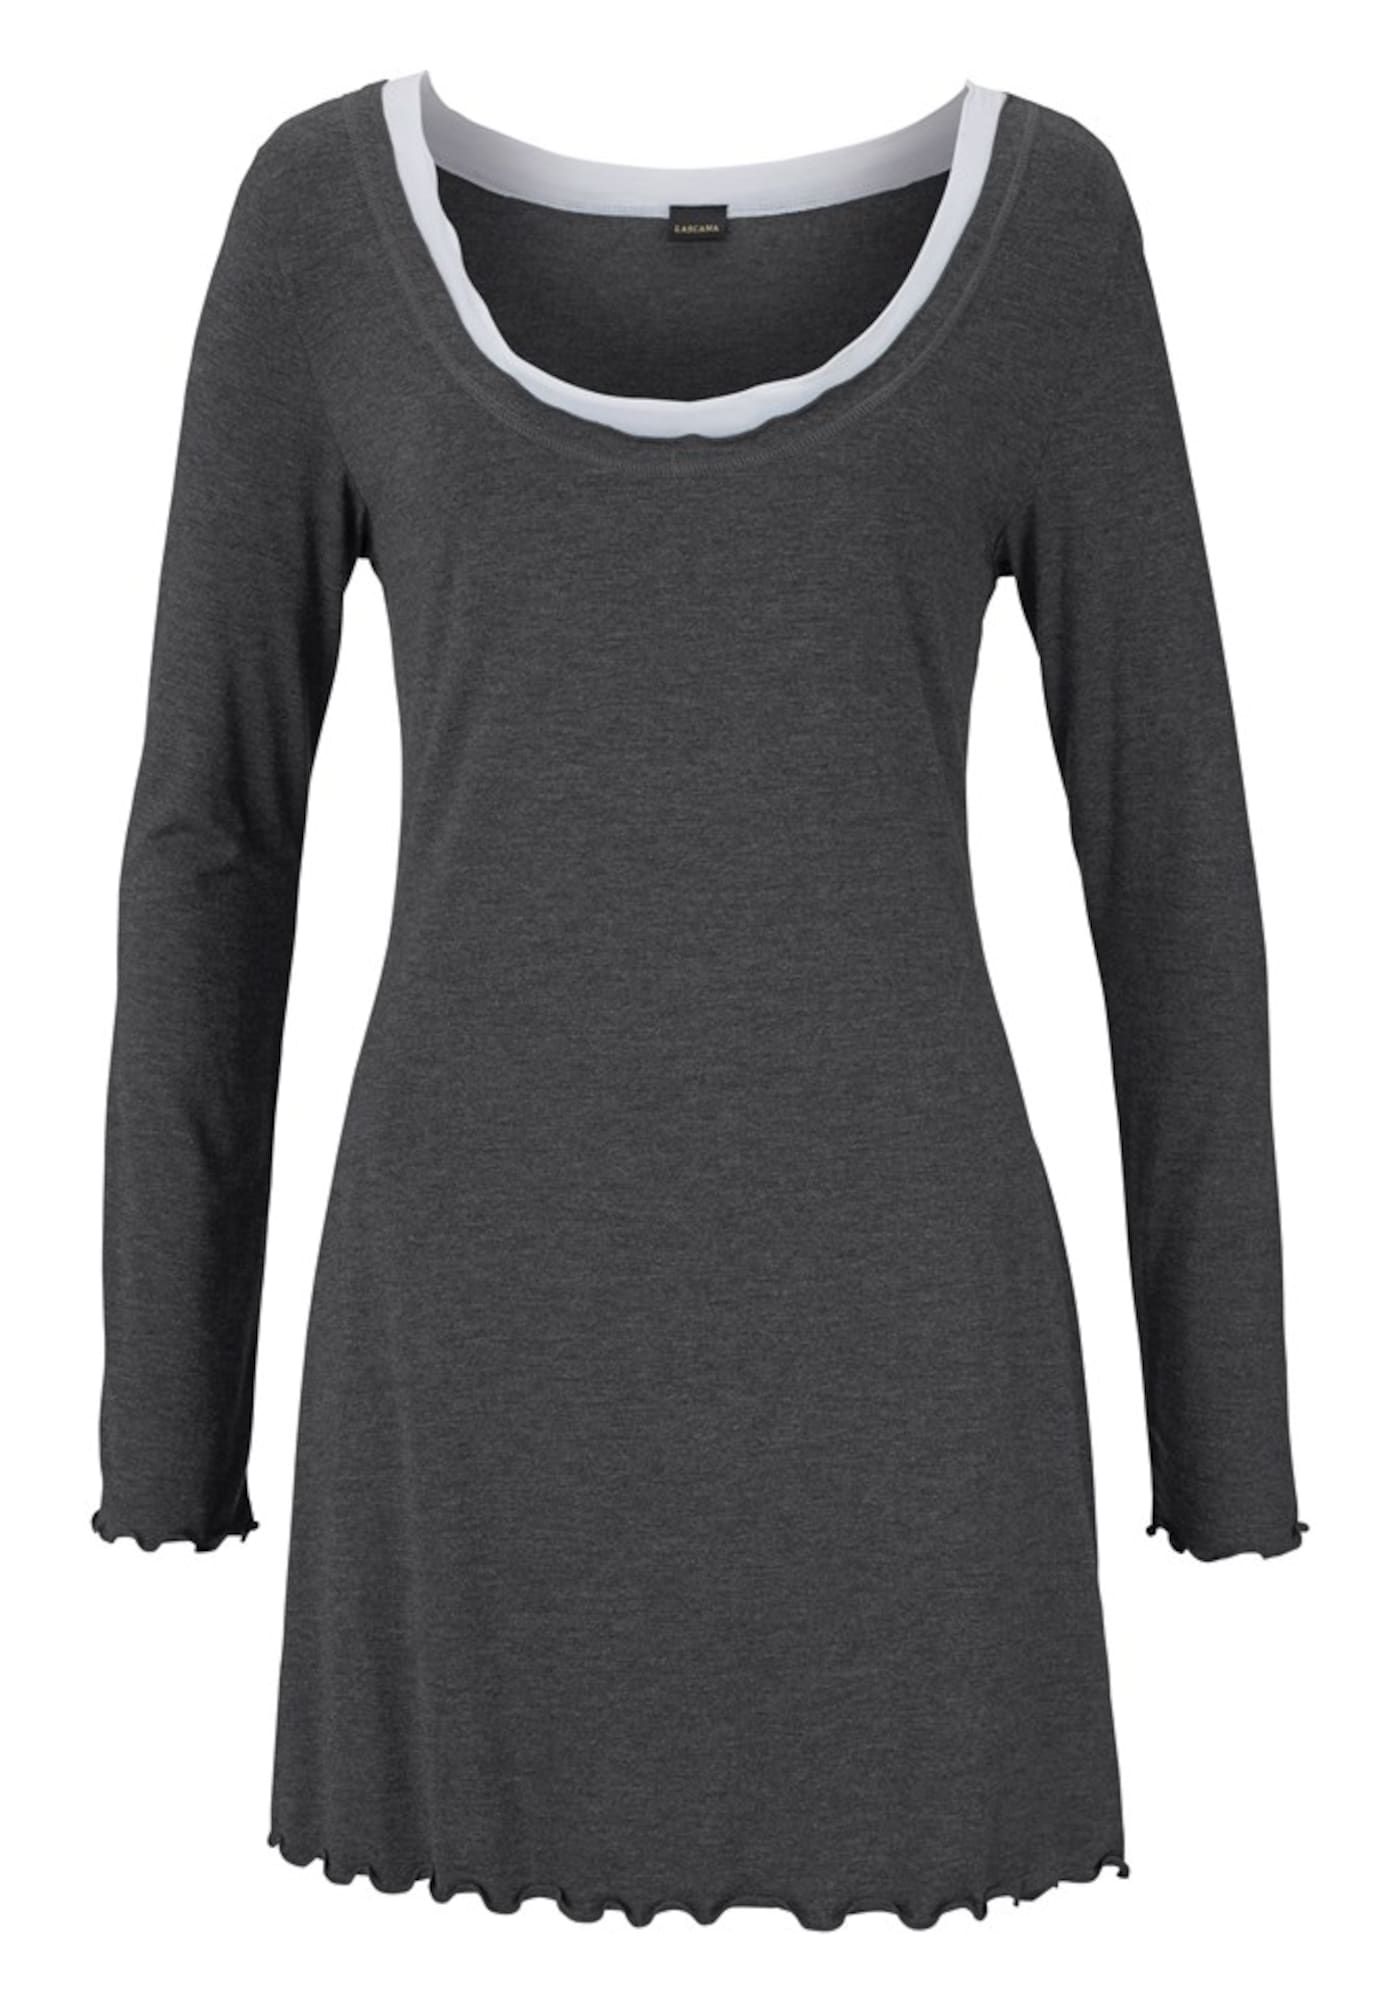 Hochwertiges Nachthemd im Layerdesign | Bekleidung > Nachtwäsche > Nachthemden | Weiß | Lascana